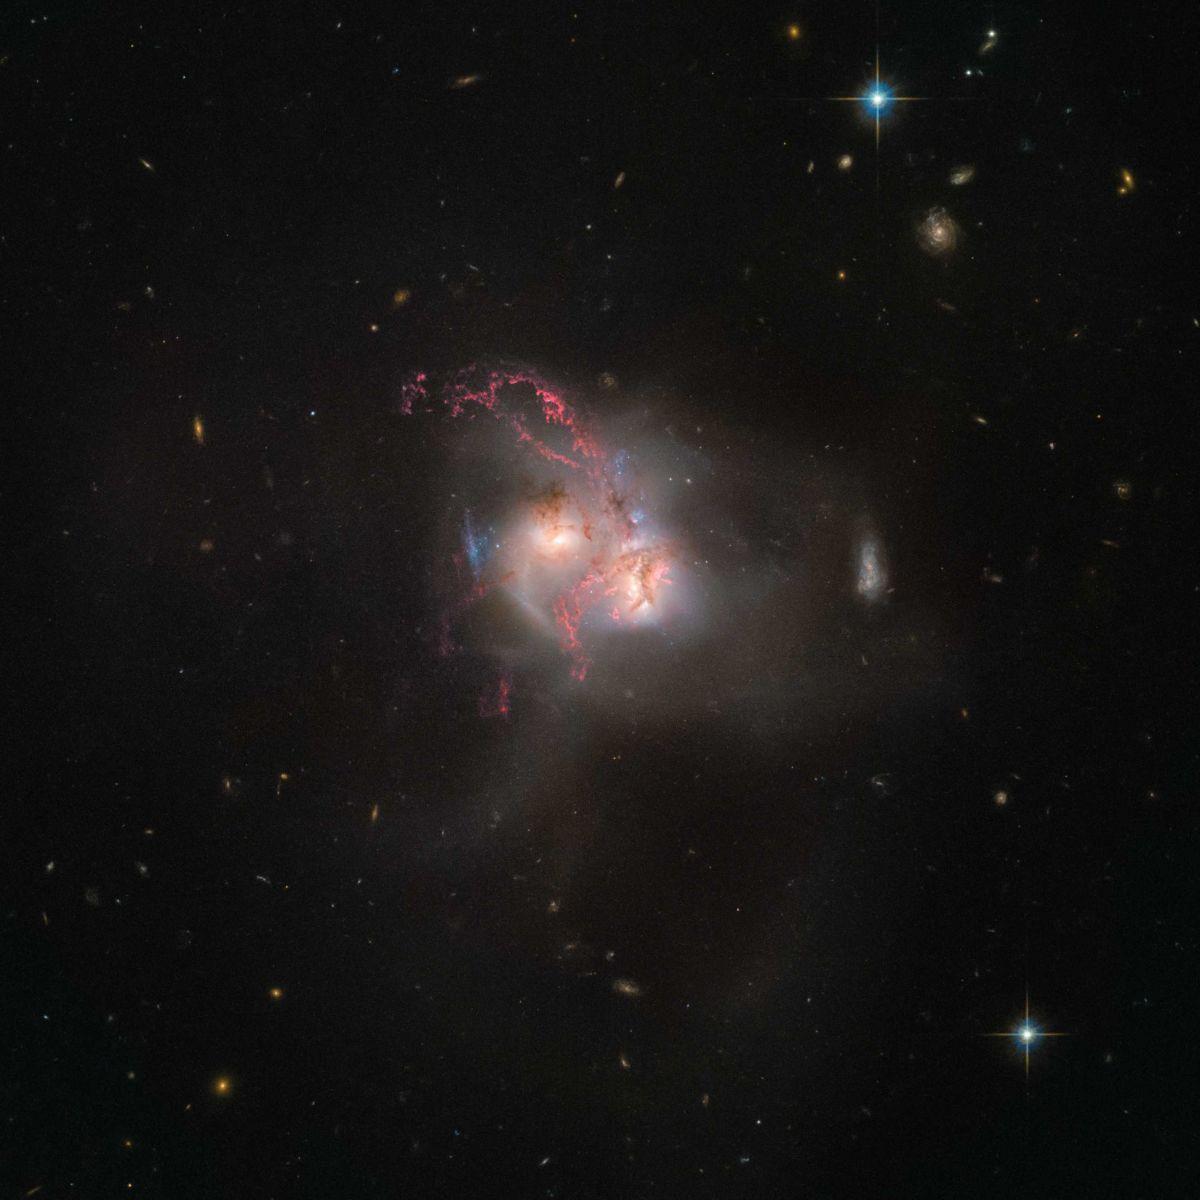 ВNASA показали впечатляющее фото— объединение 2-х галактик